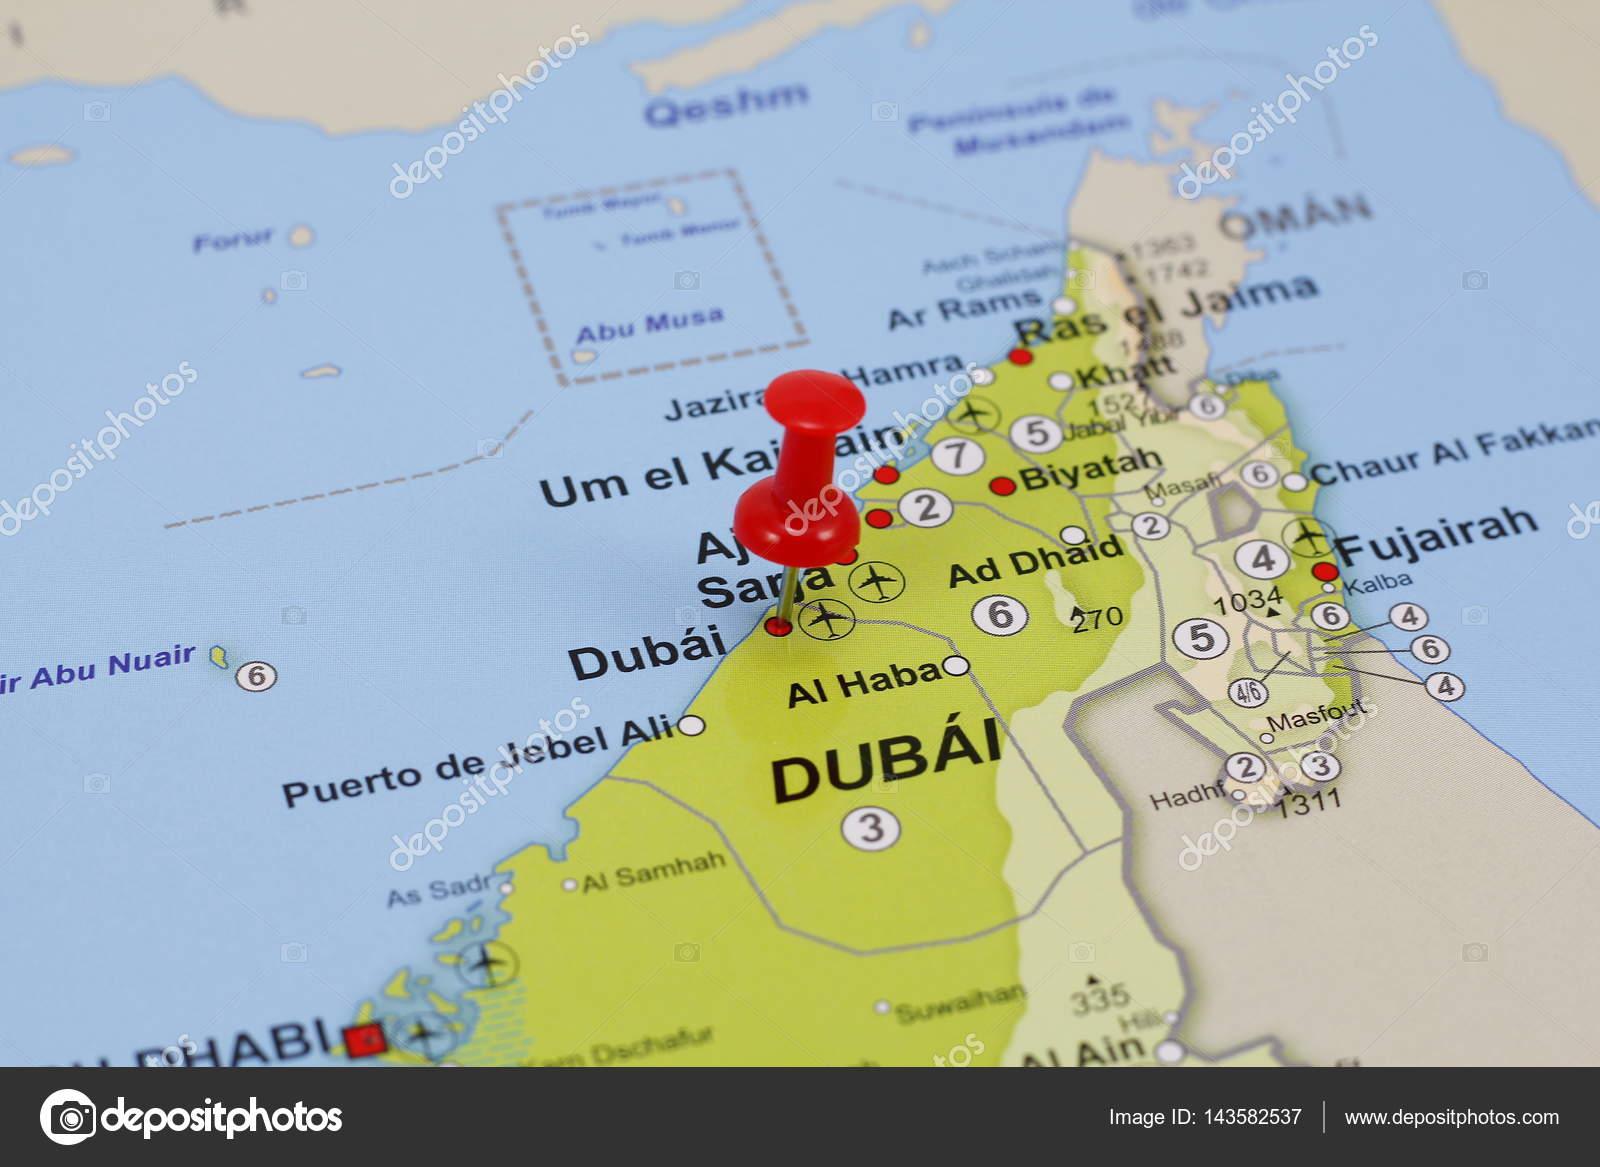 mapa de dubai Pin de Dubai en un mapa — Foto de stock © agafapaperiapunta  mapa de dubai